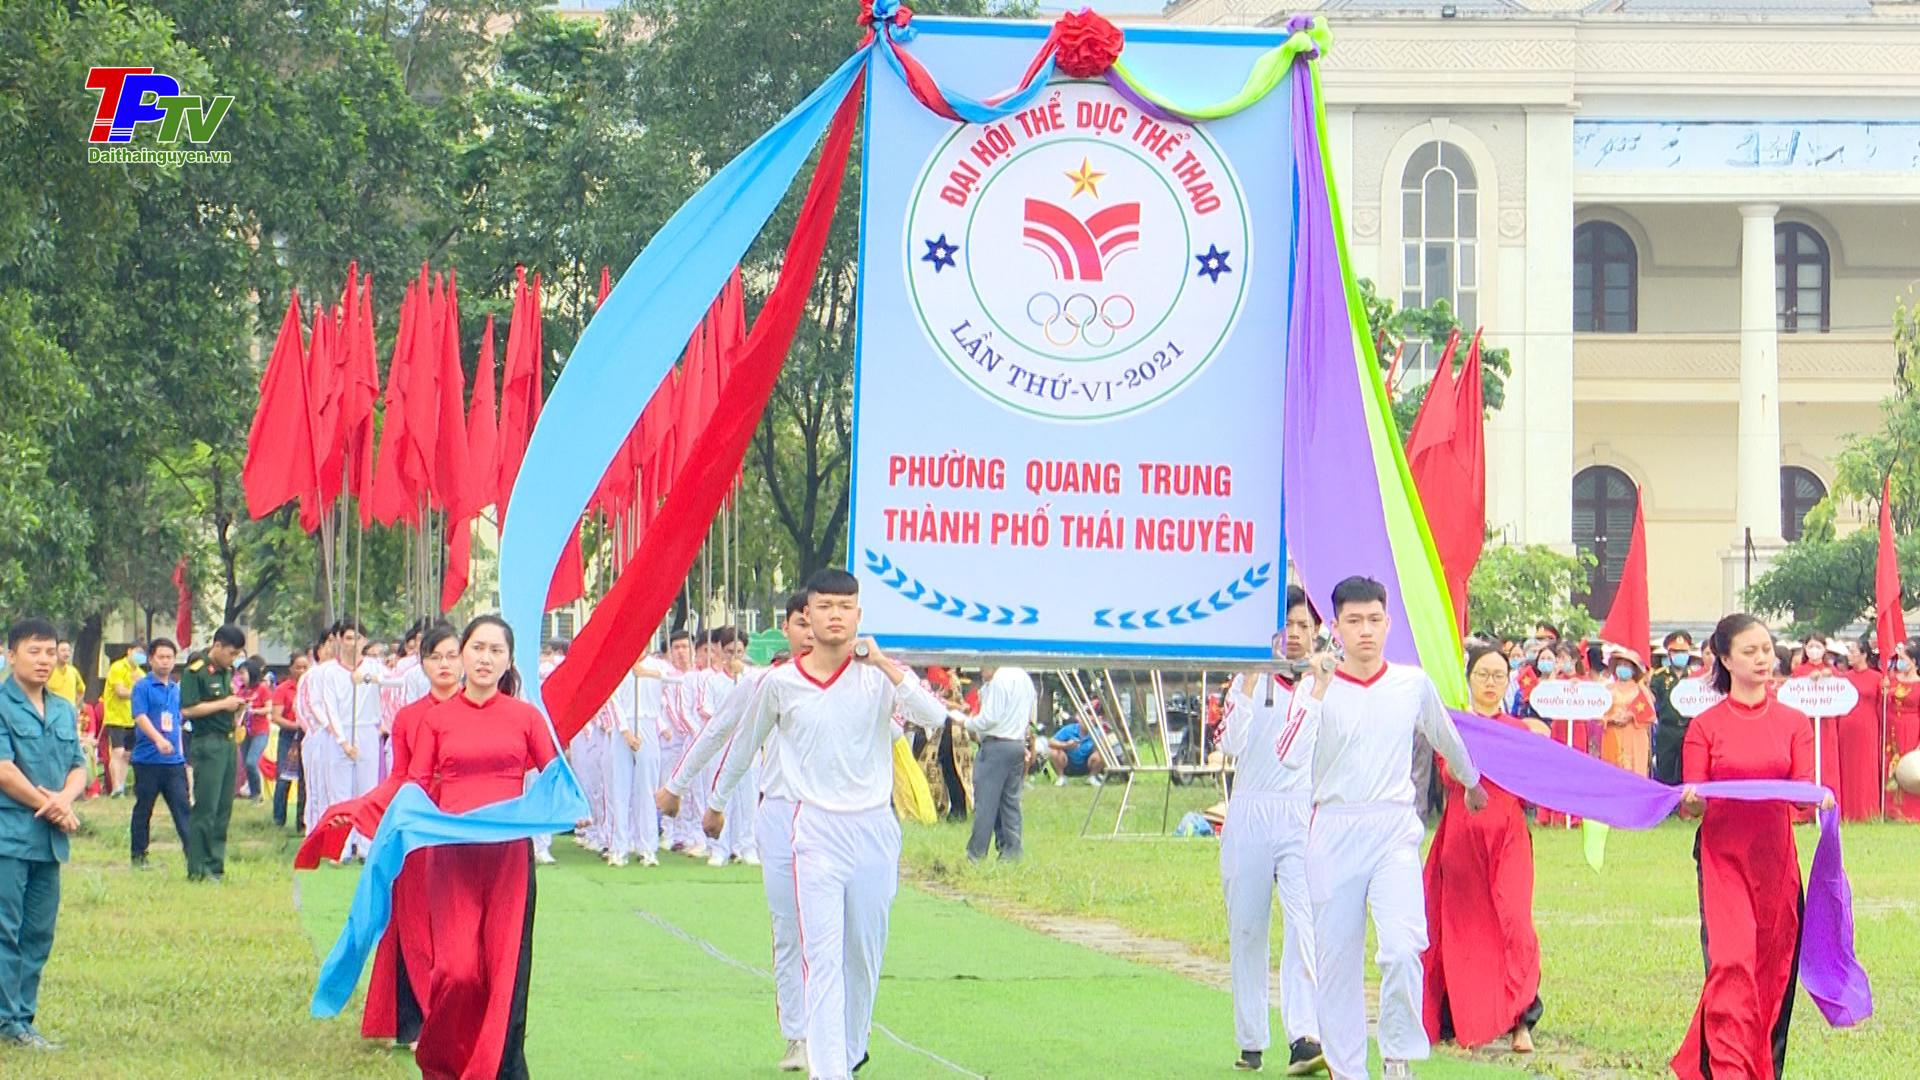 Sôi nổi Đại hội Thể dục Thể thao phường Quang Trung lần thứ VI năm 2021.